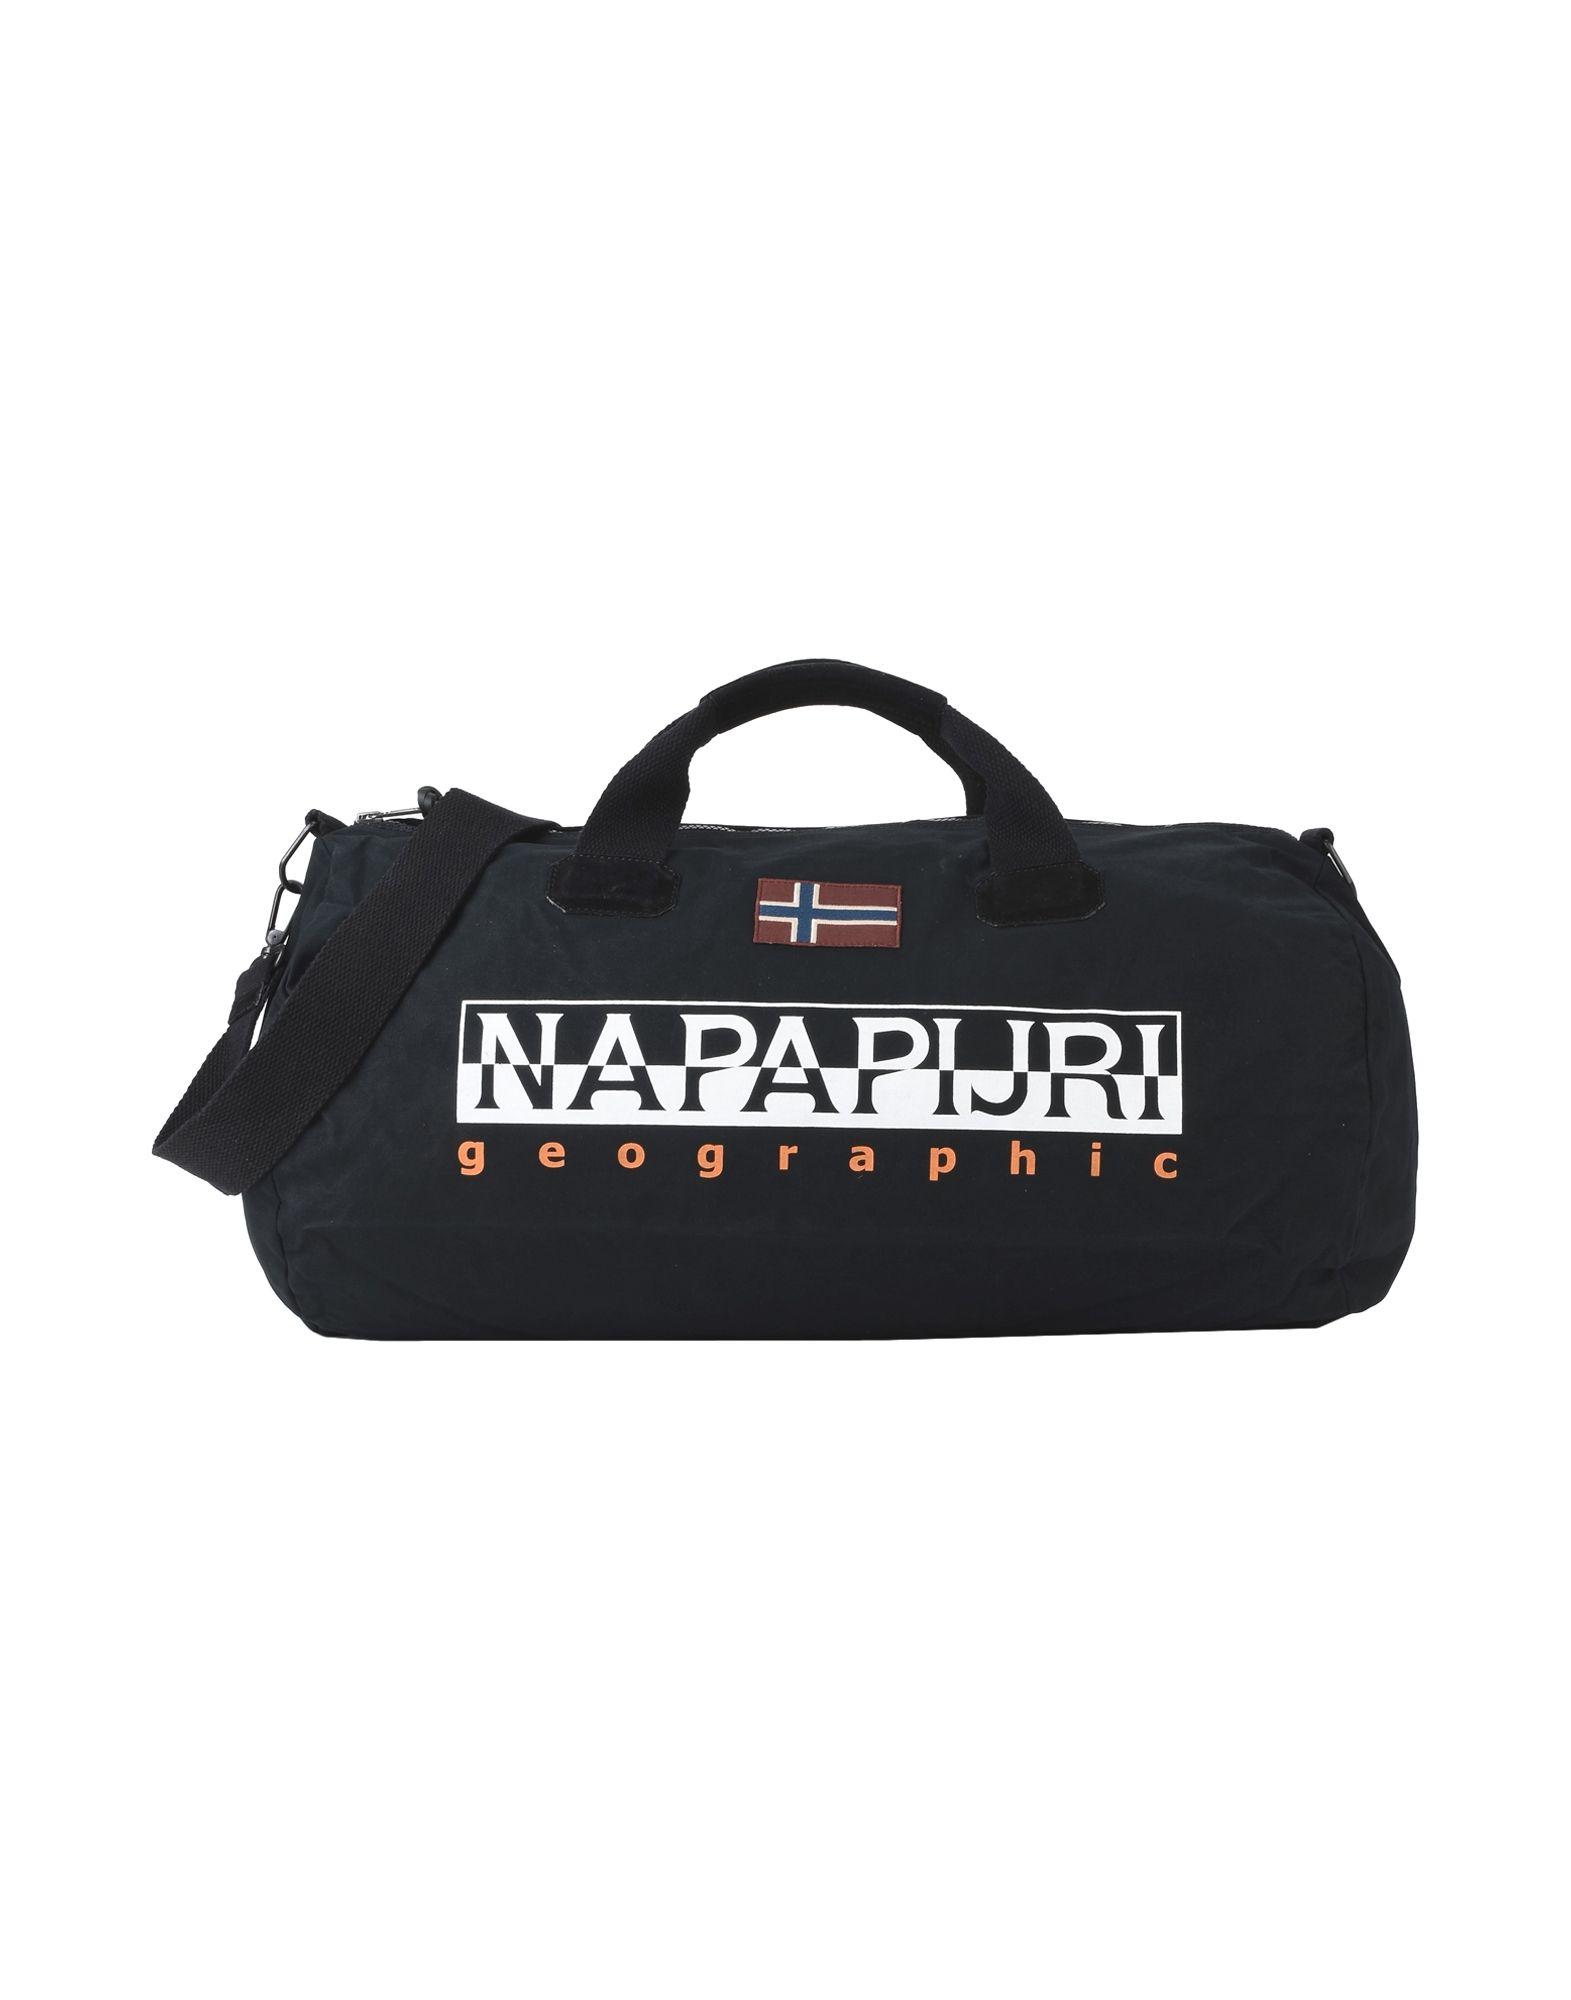 7faaca4703 Borsone Napapijri Bering - Uomo - Acquista online su YOOX - 55017059ED